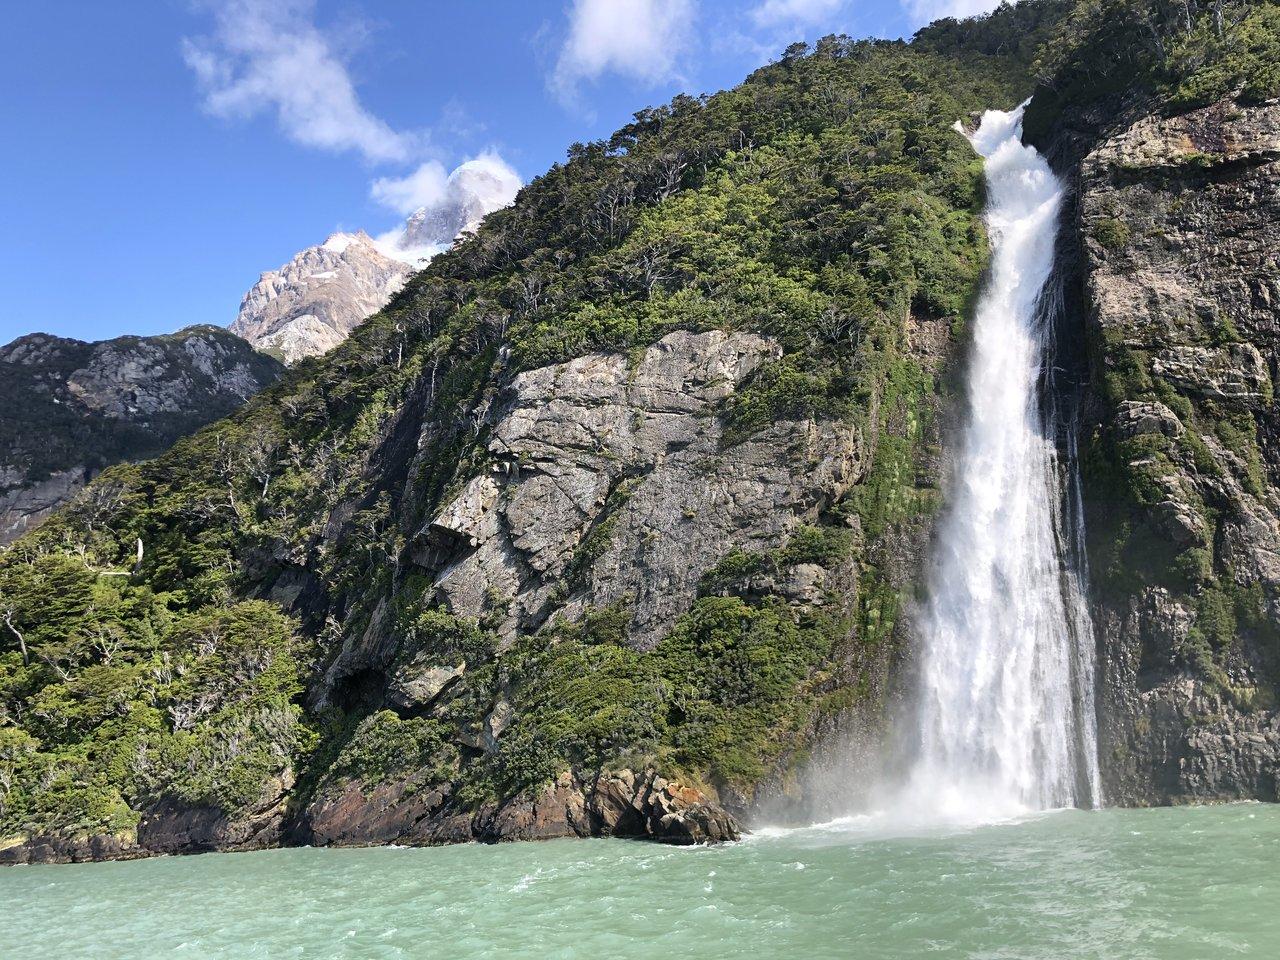 More waterfalls | Photo taken by Melody B